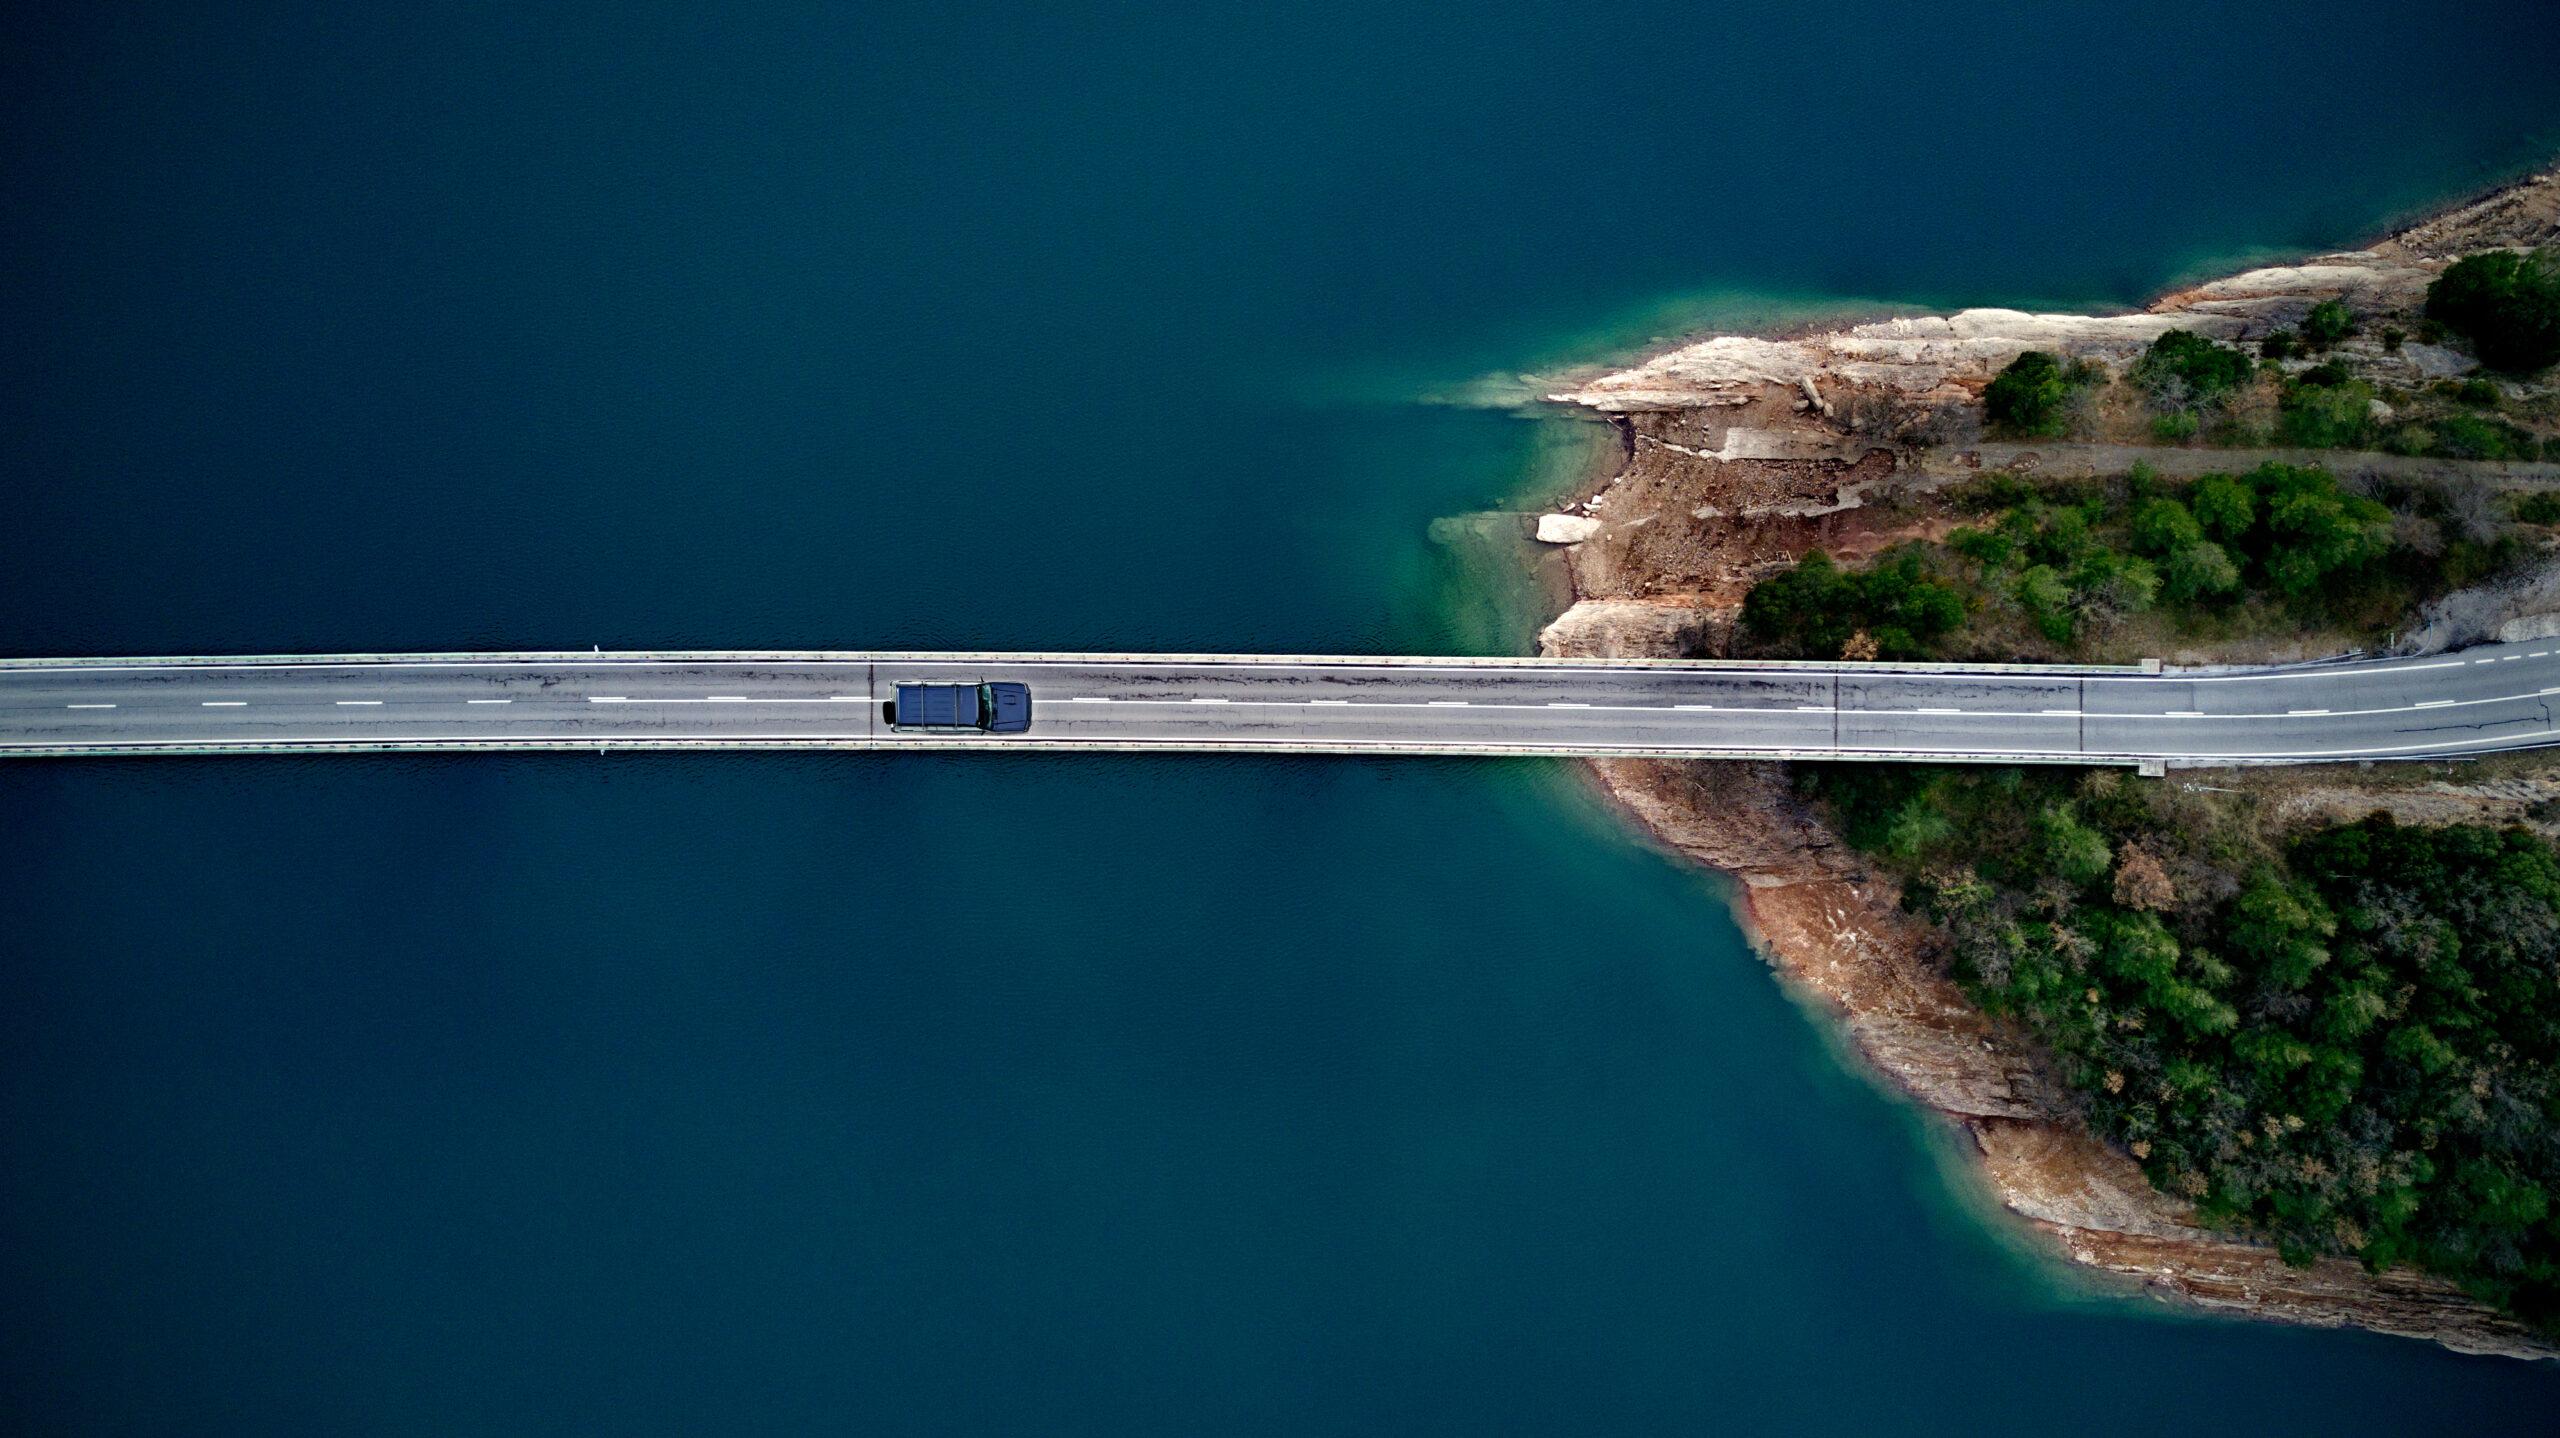 自然な環境で走っているトラックの写真です。